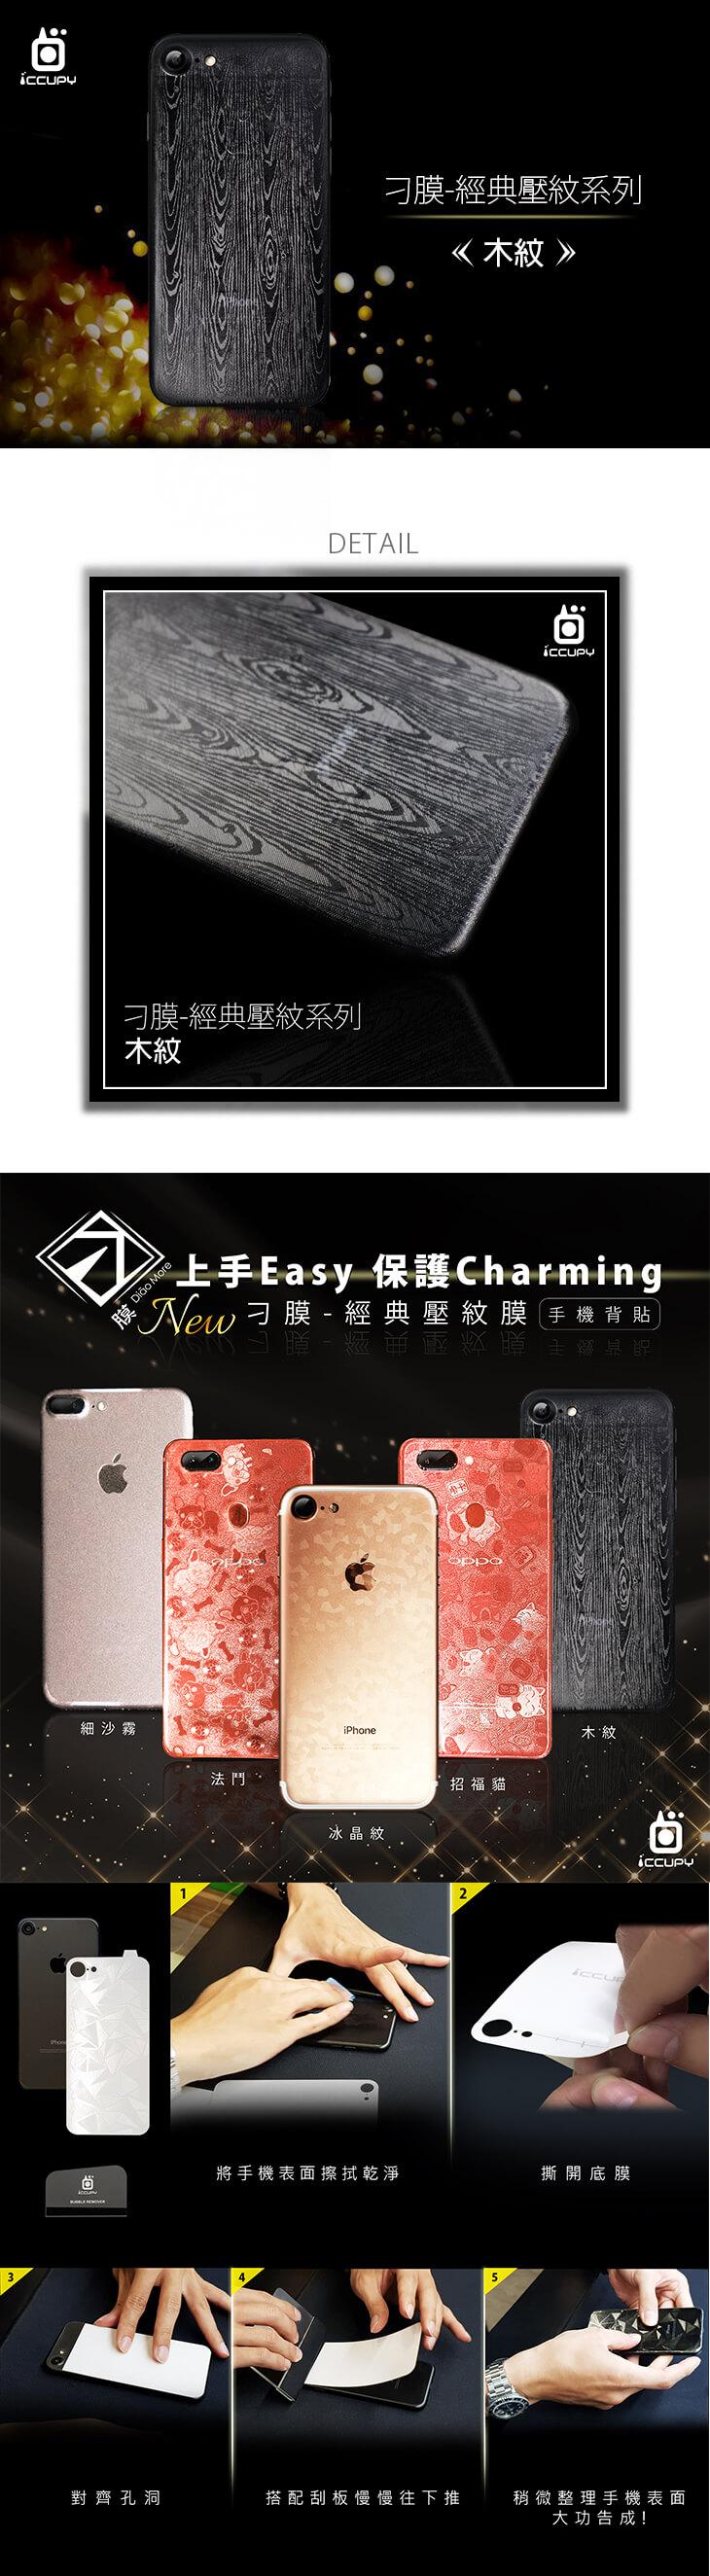 手機包膜-刁膜DiaoMore-經典壓紋膜背貼-木紋2